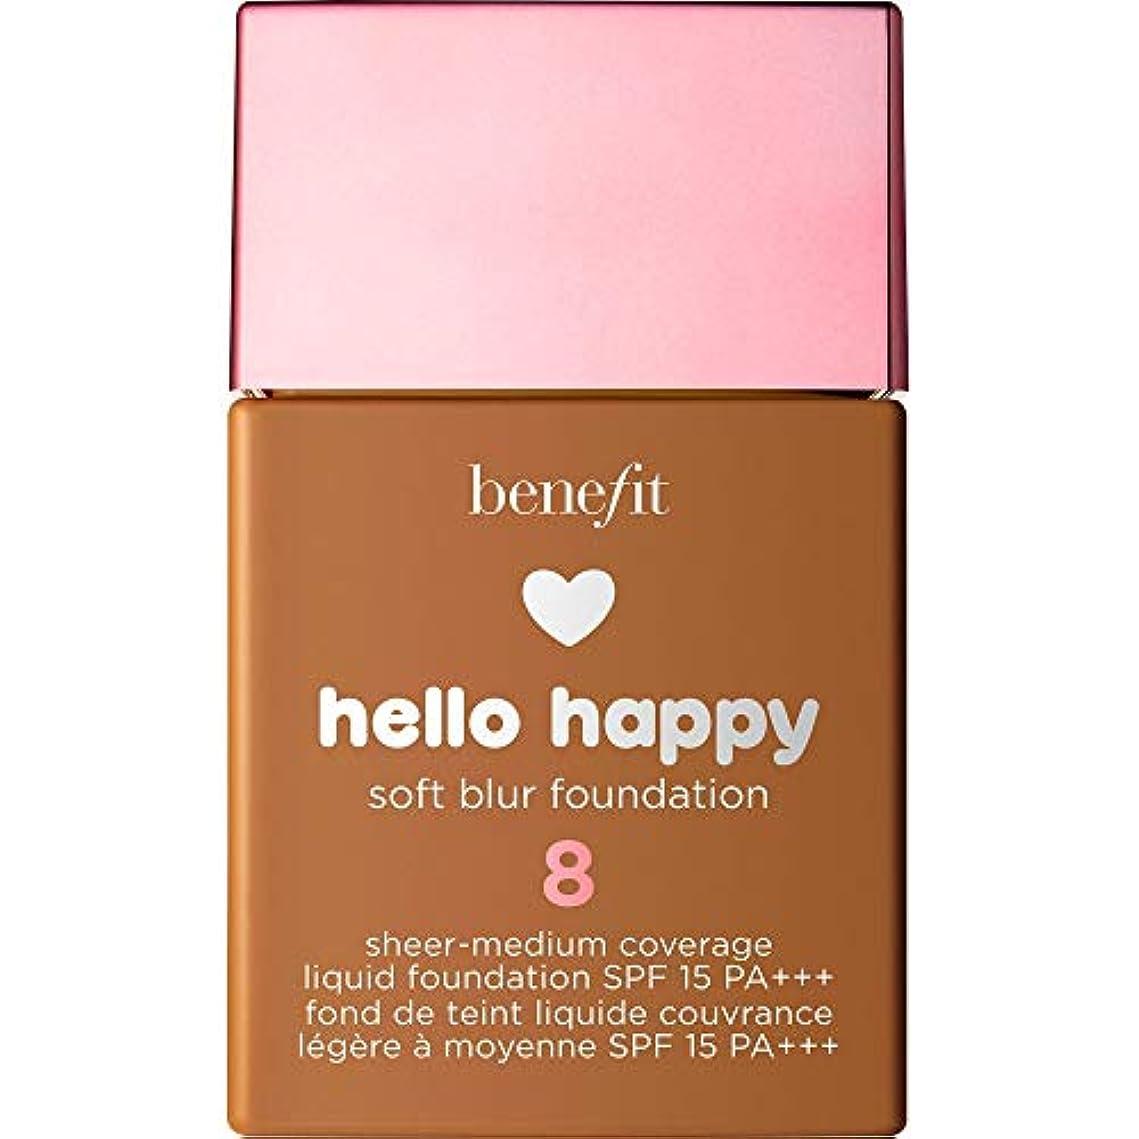 習熟度有罪謝罪[Benefit ] 利益こんにちは幸せなソフトブラー基礎Spf15 30ミリリットル8 - 日焼け暖かいです - Benefit Hello Happy Soft Blur Foundation SPF15 30ml...